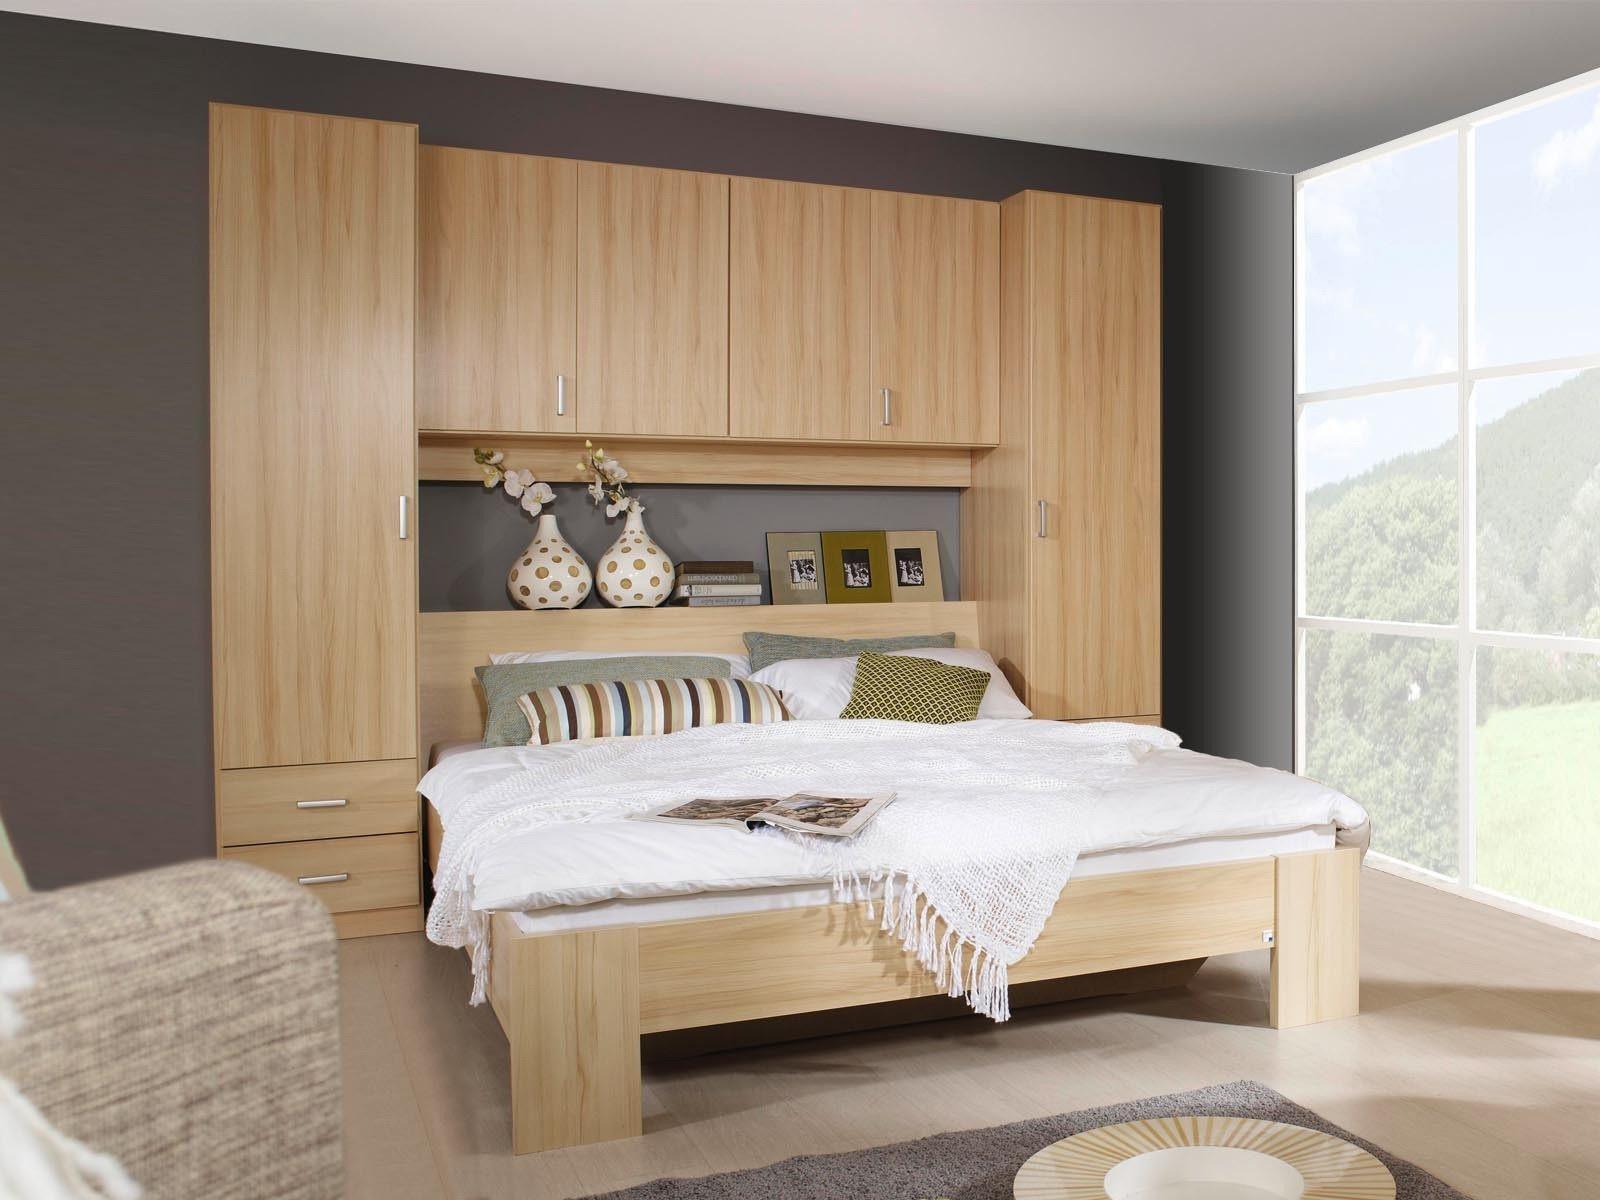 Lit Pont 160×200 Charmant Chambre Plete Fille Ikea Beautiful Lit Fantastique Lit Pont Lit